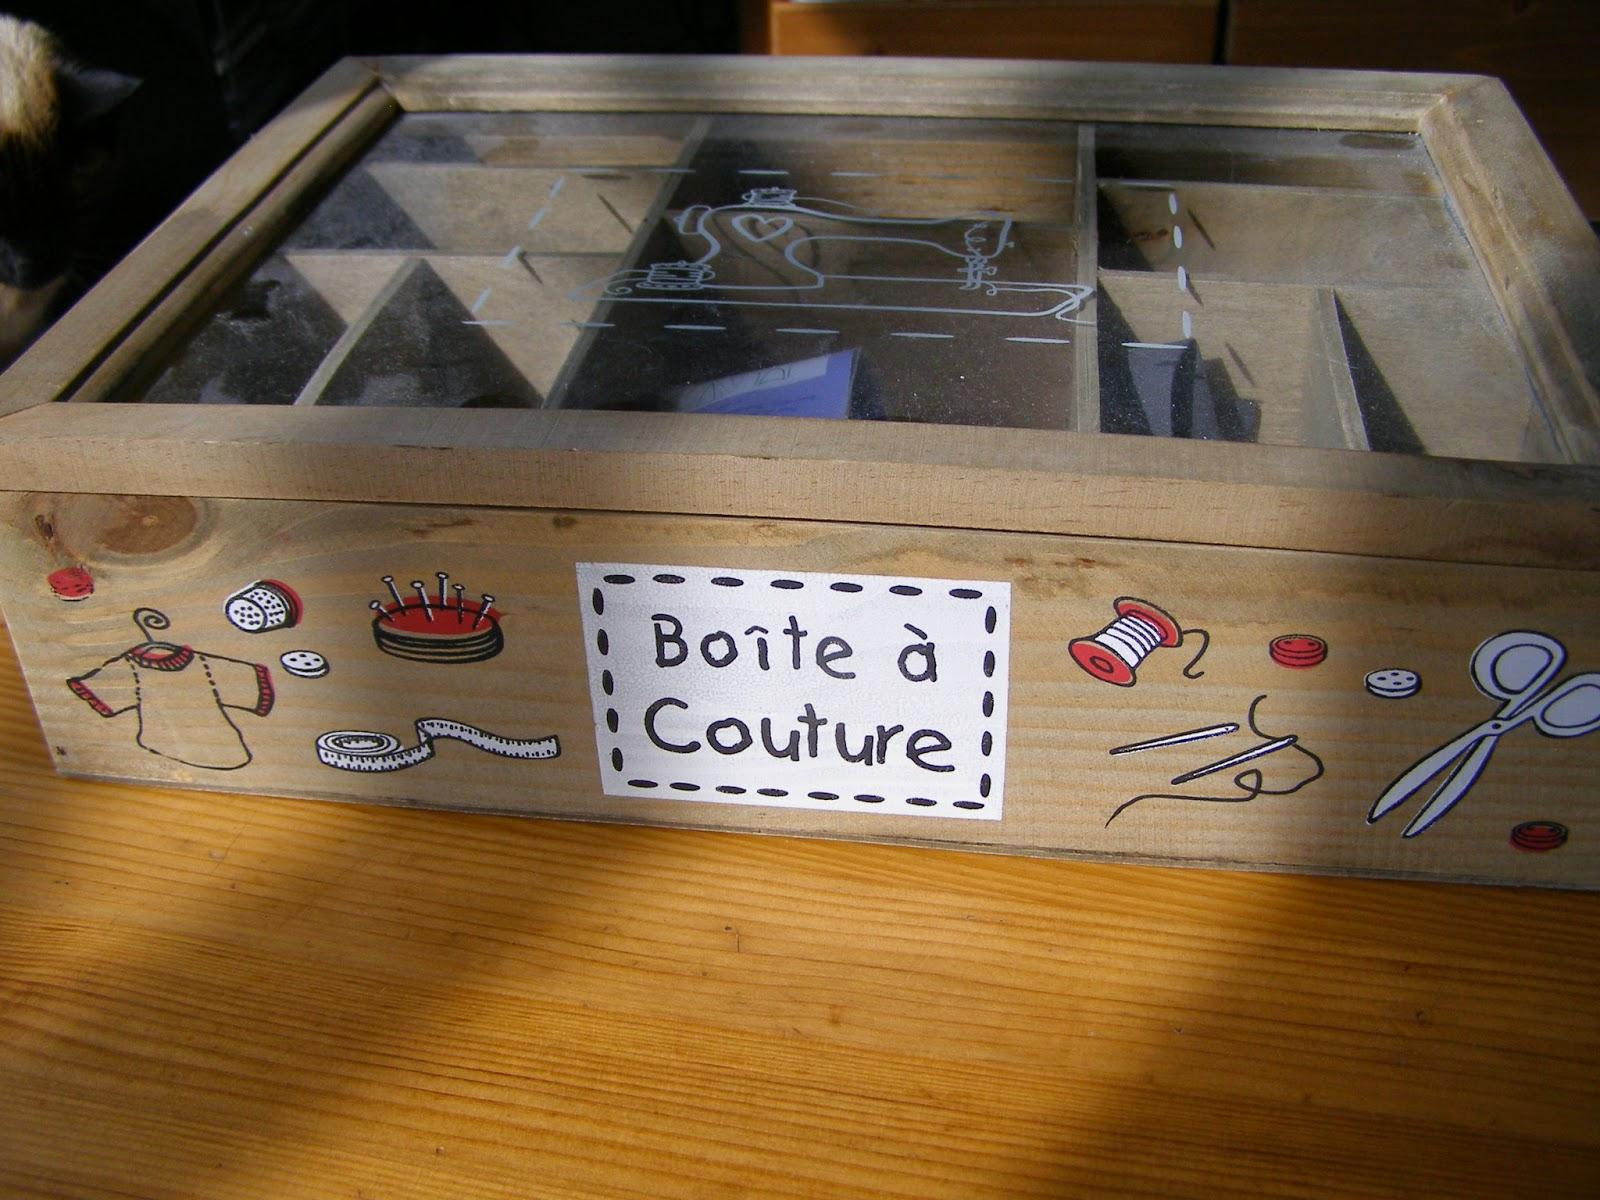 Le fil de saria avril 2014 for Boite a couture casa